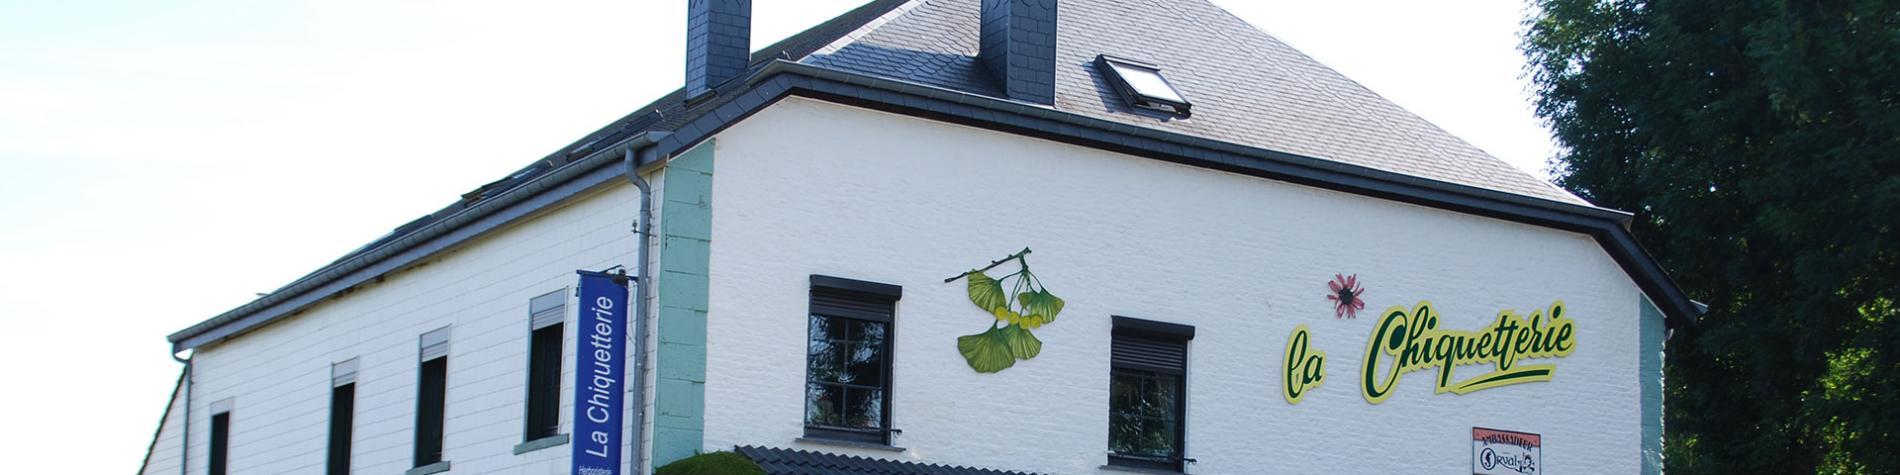 La Chiquetterie - Nafraiture - Tea-room - plantes sauvages